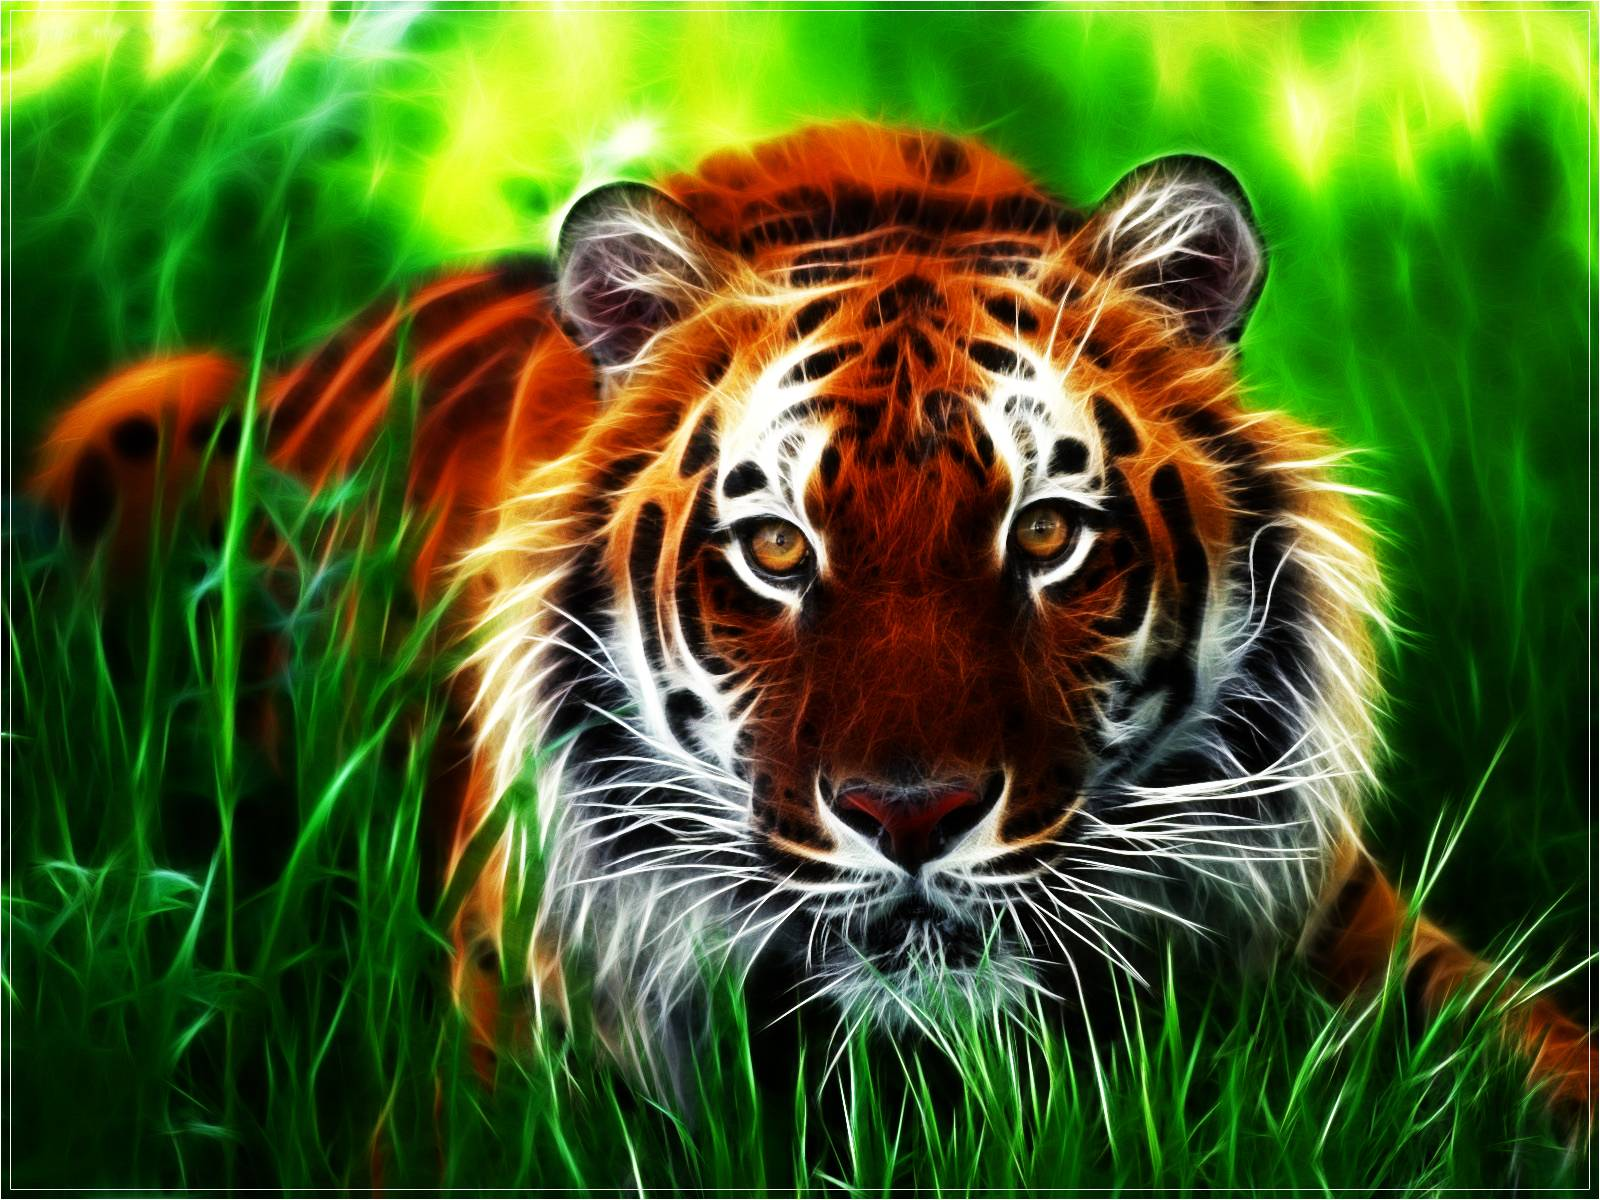 3D Tiger HD Wallpaper | Wallpaper Download